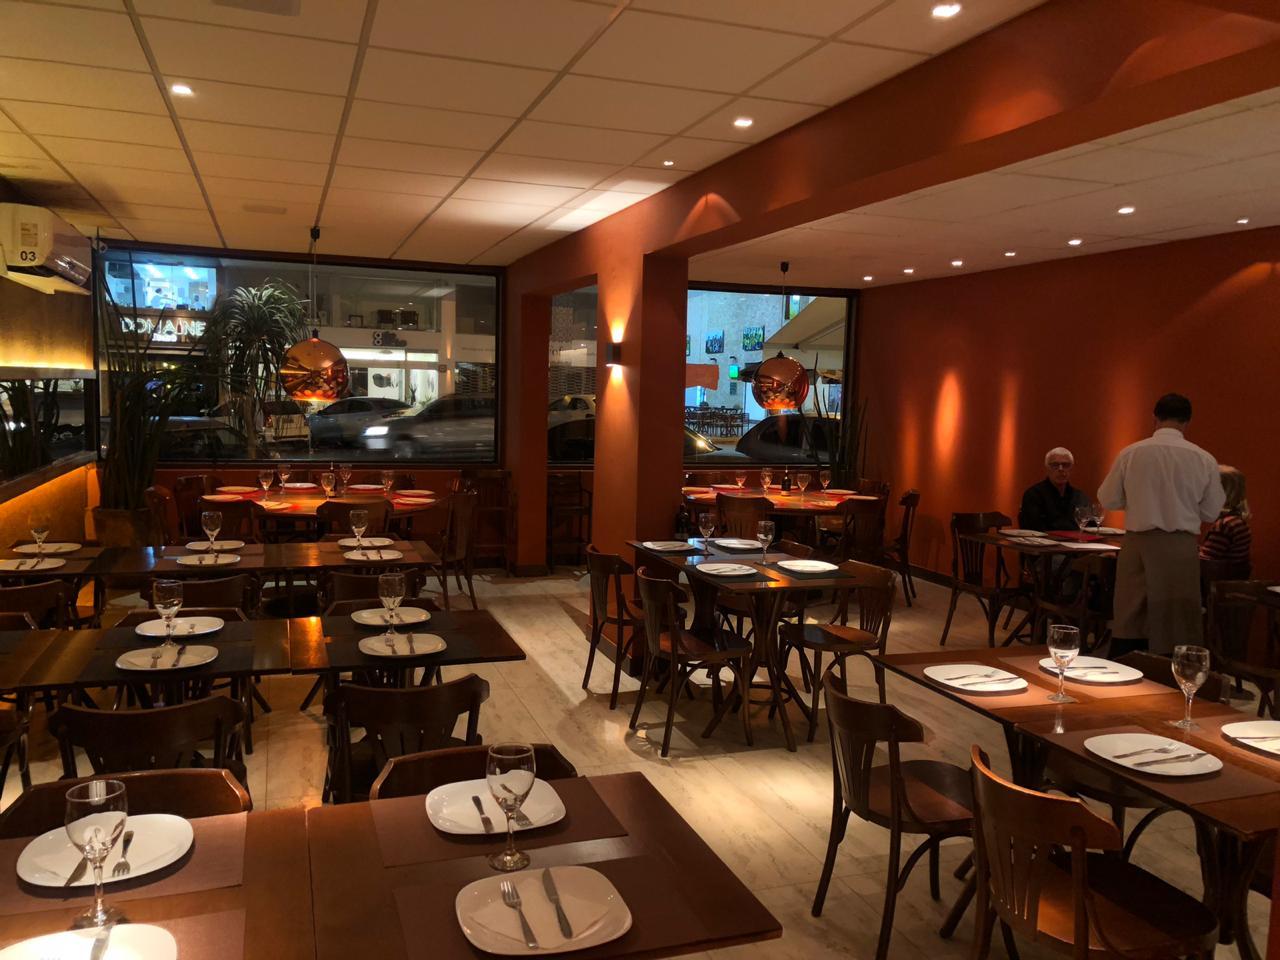 Restaurantes oferecem locais reservados e pacotes diferenciados para agradar clientela